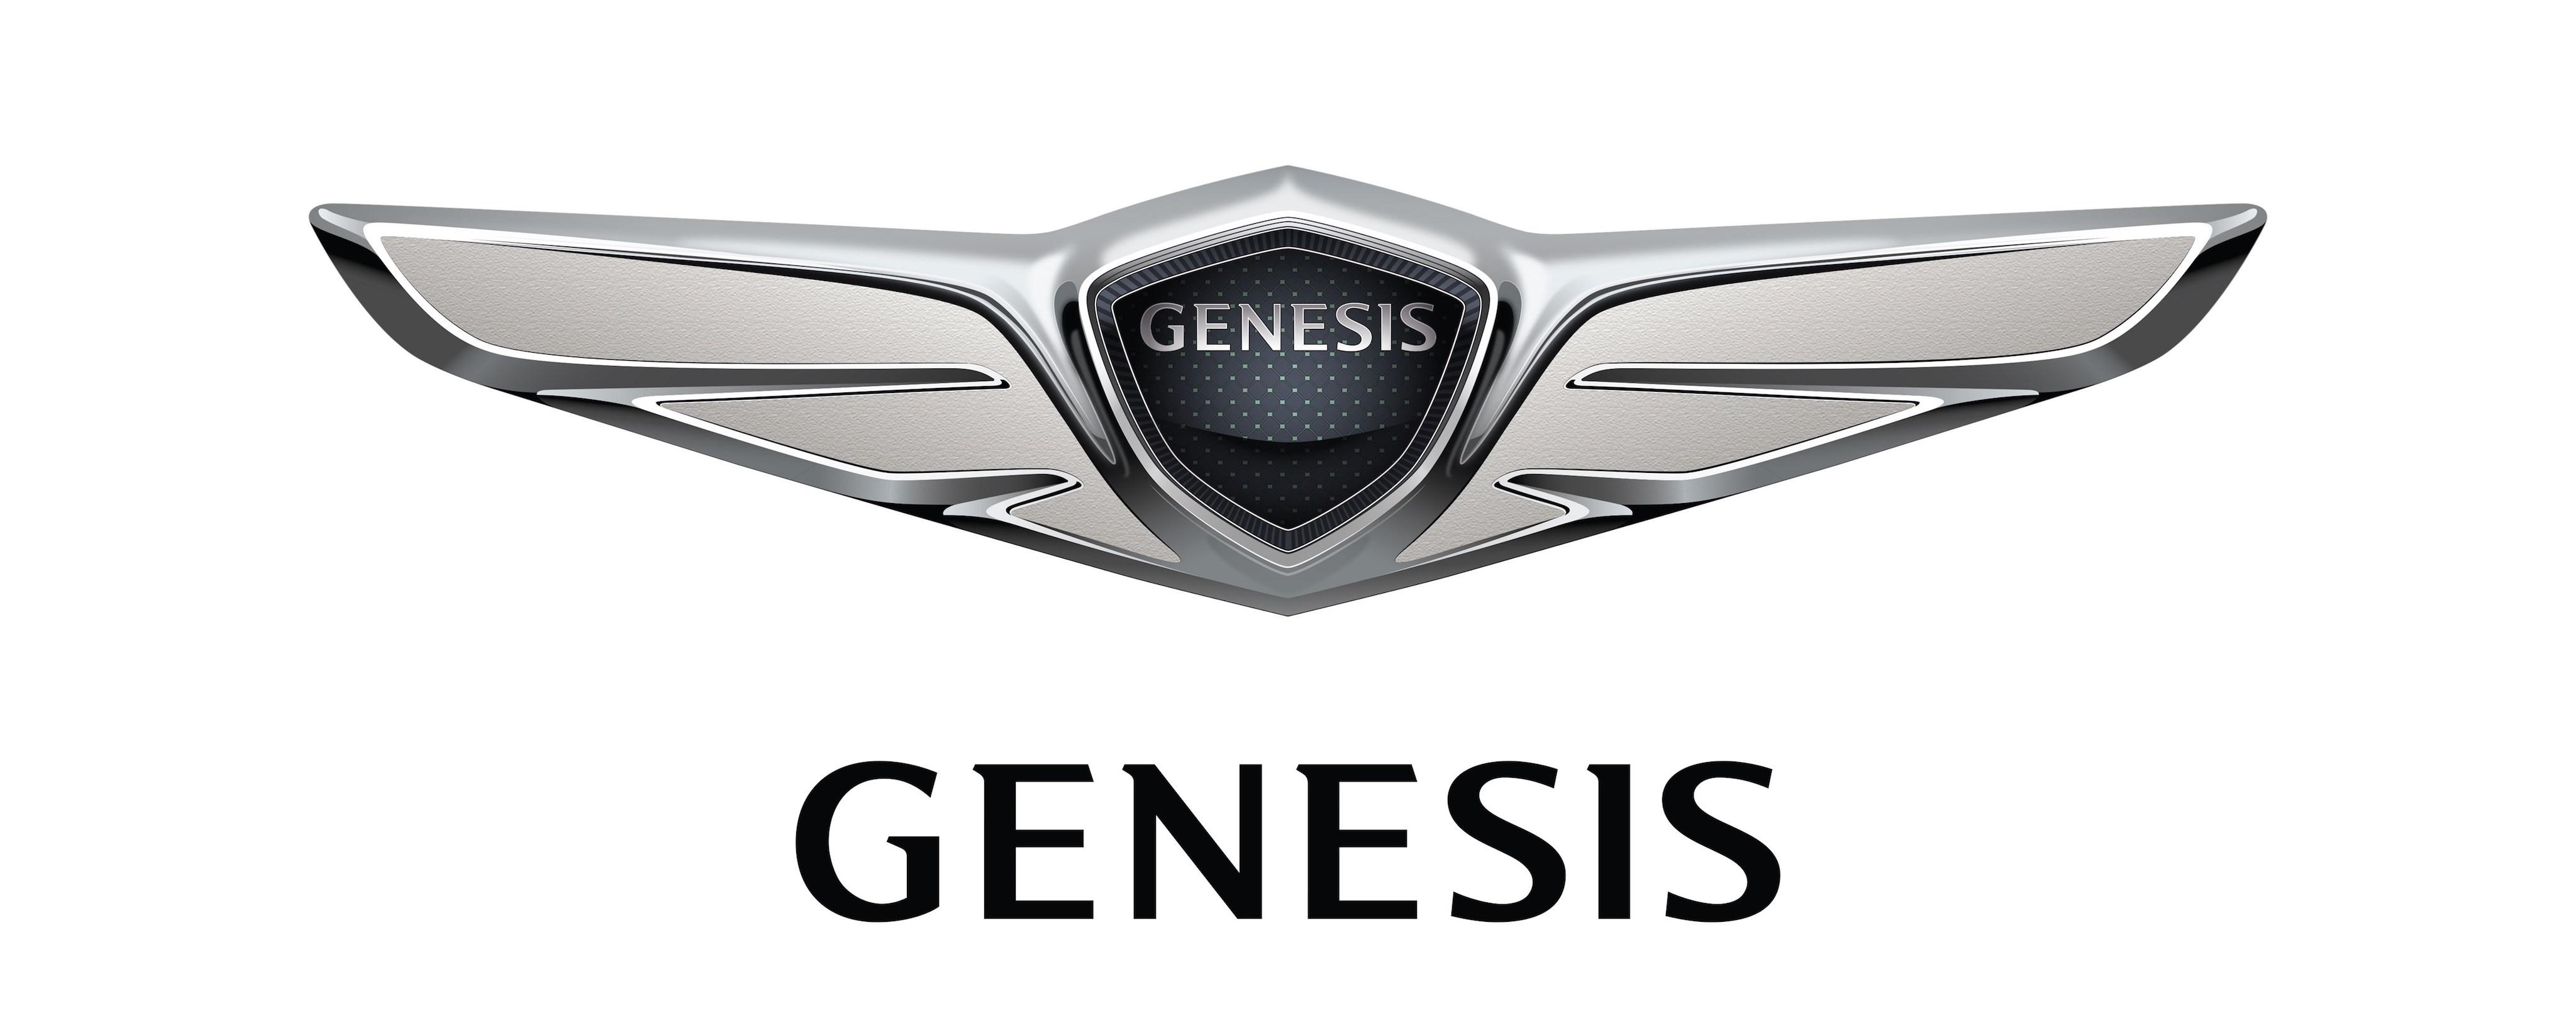 Genesis Logo Hd Png Information Carlogos Org